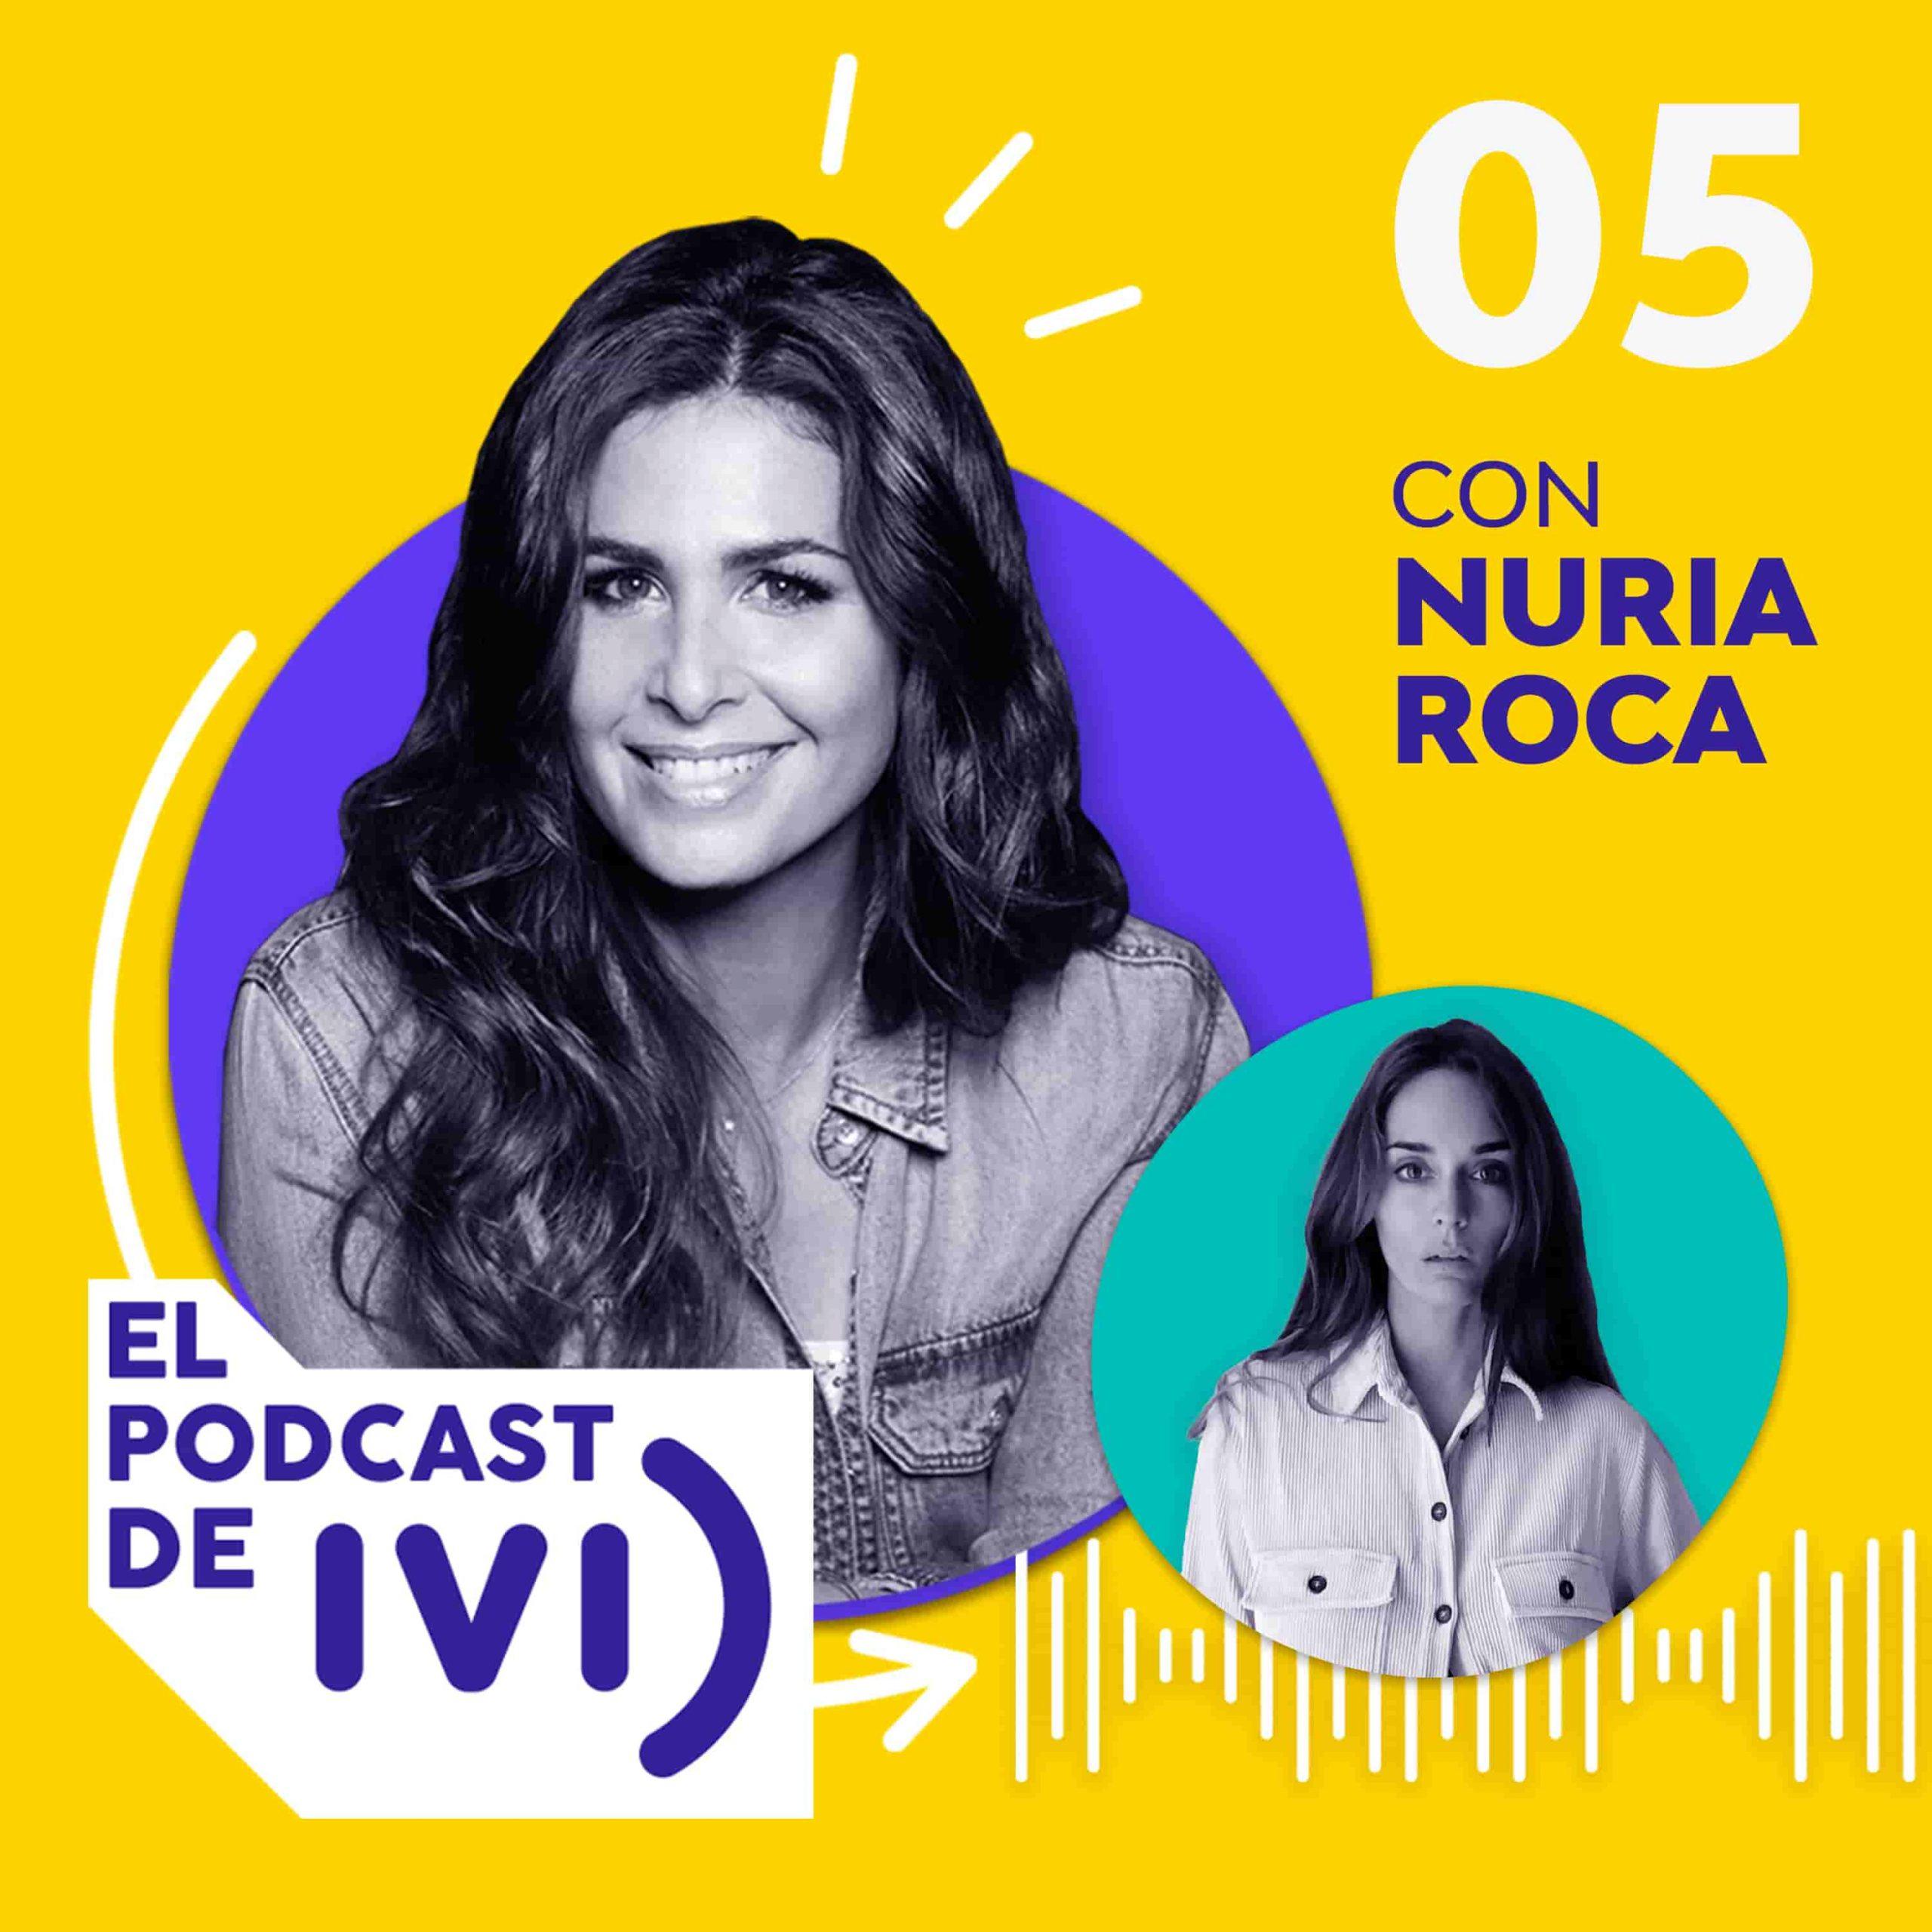 Imagen del Podcast episodio 5 con Nuria Roca